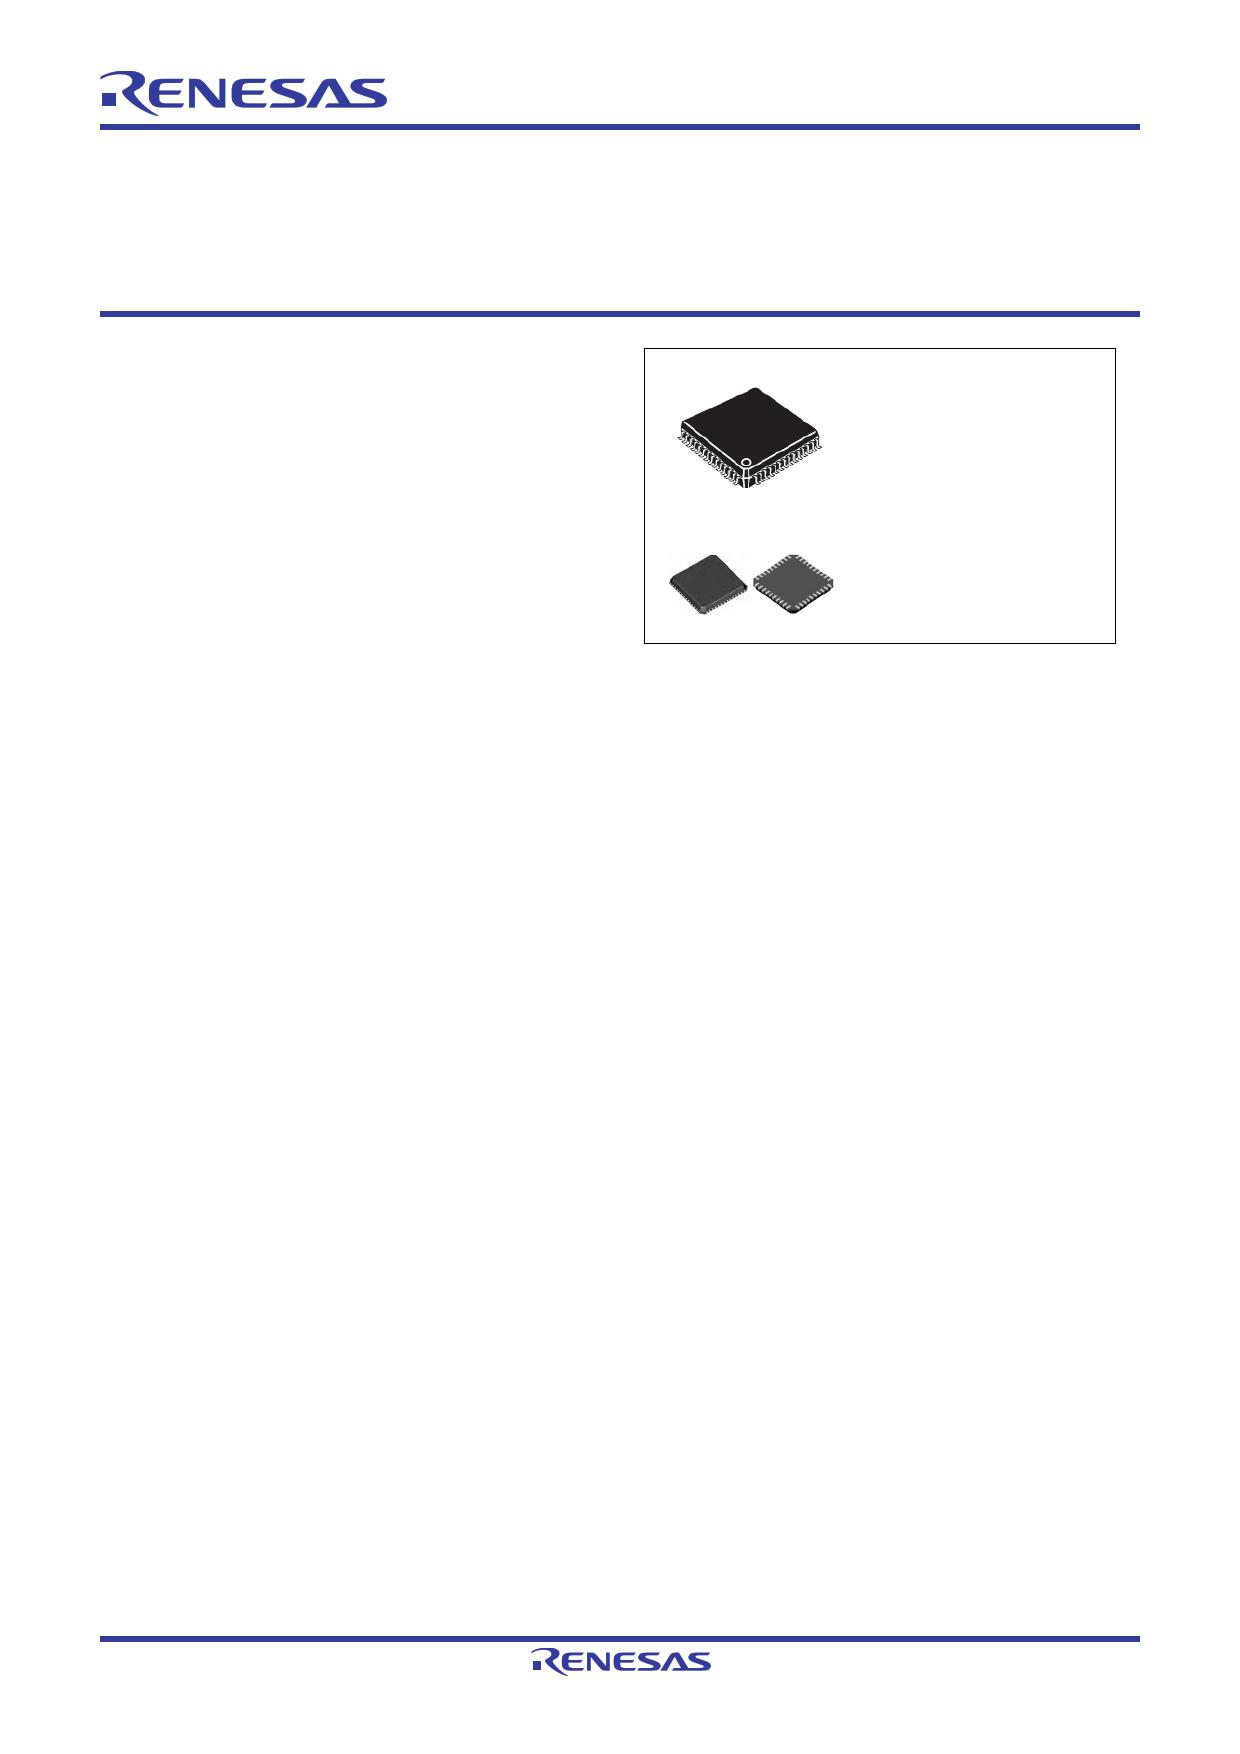 R5F51305ADFN 데이터시트 및 R5F51305ADFN PDF